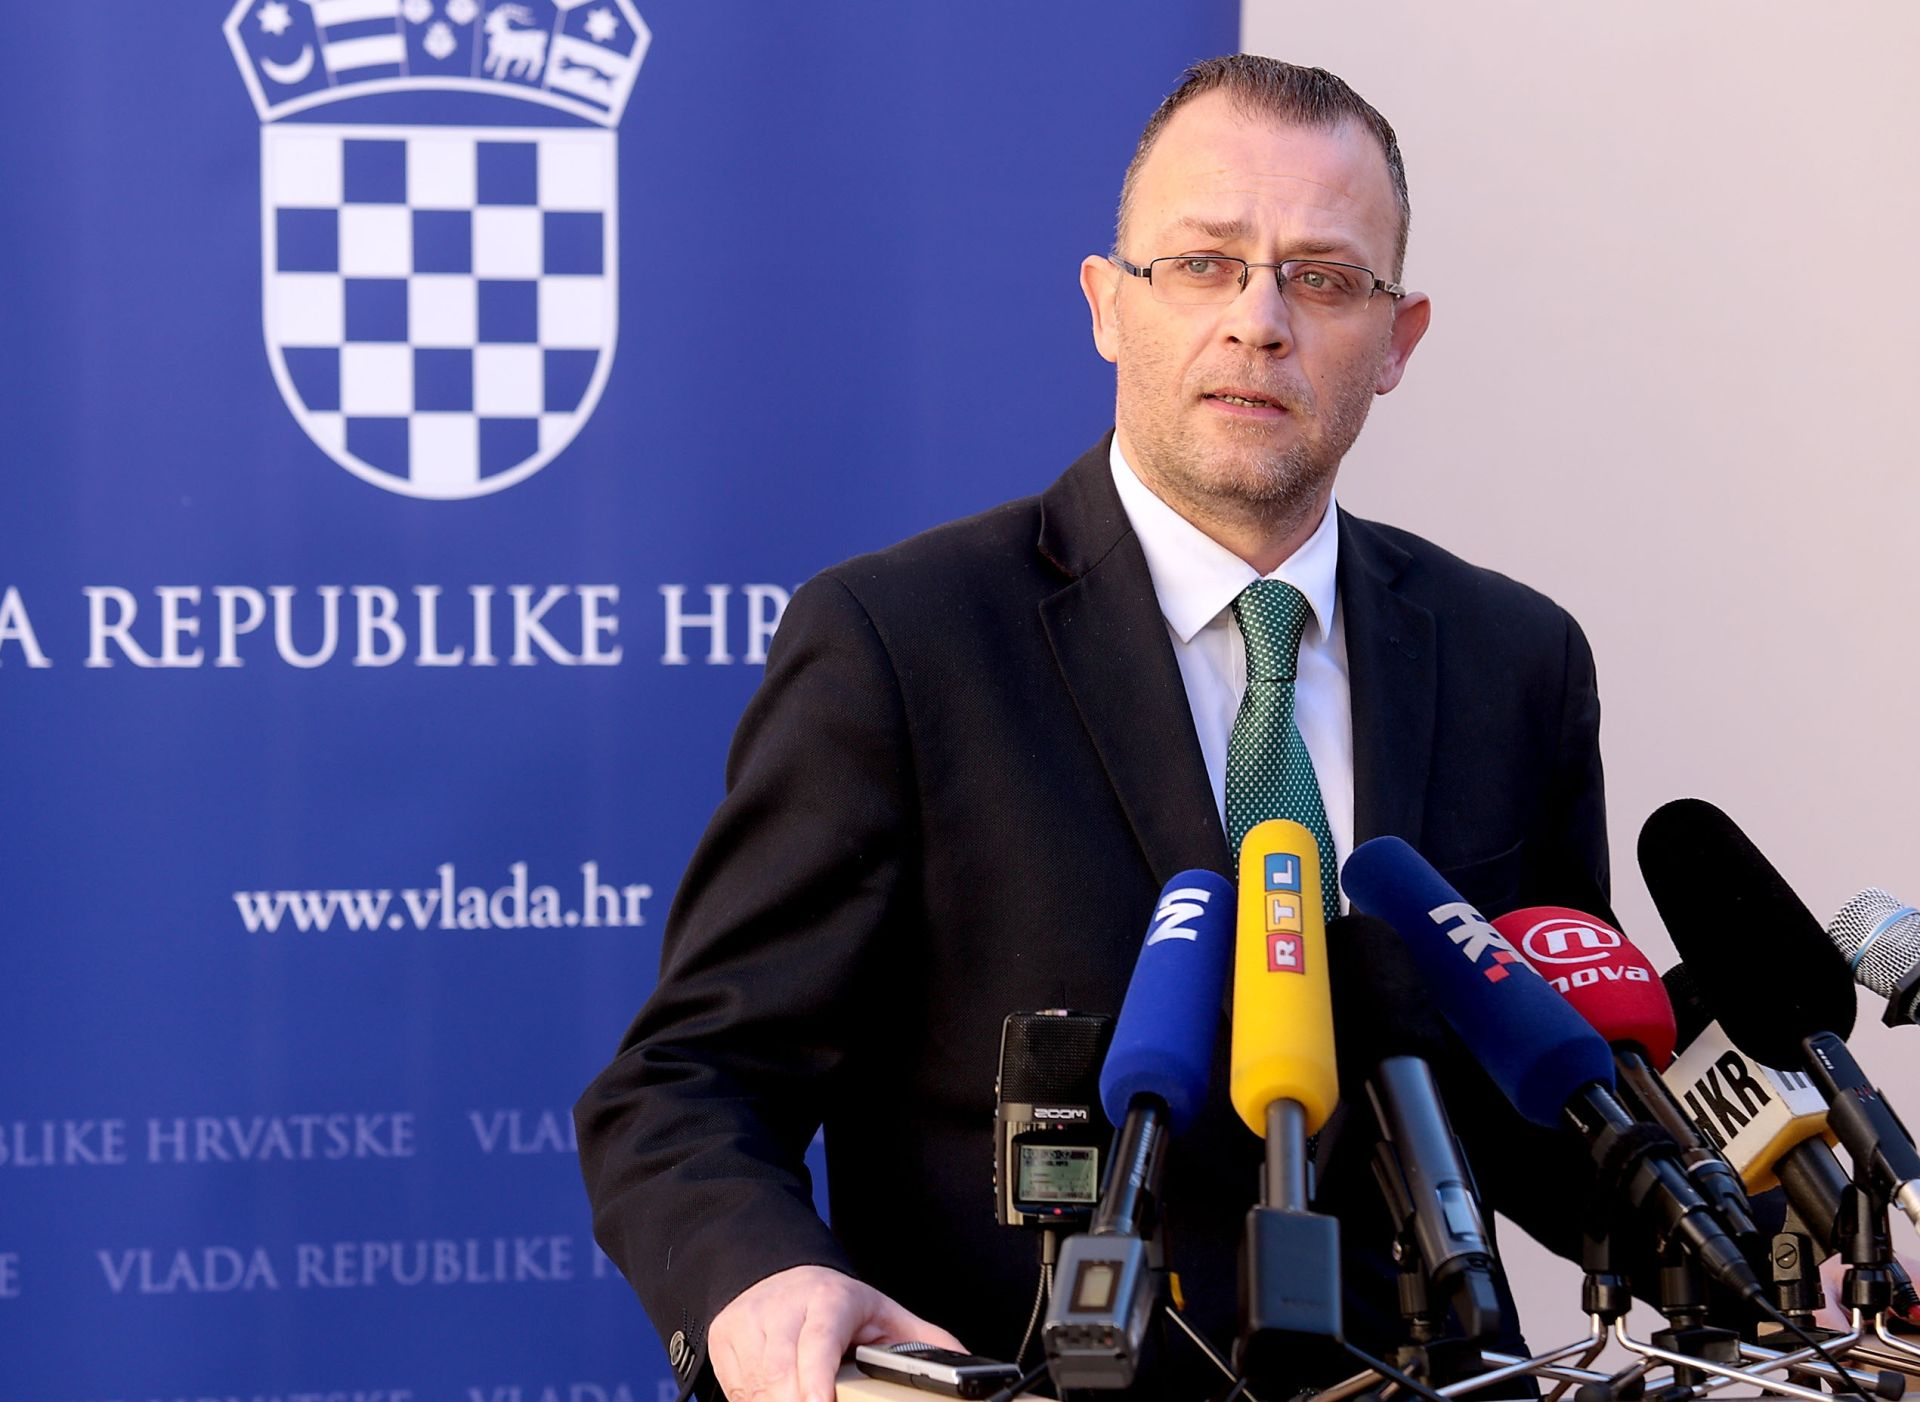 ZLATKO HASANBEGOVIĆ PREDAO IMOVINSKU KARTICU: Nekretnine vrijedne 2,2 milijuna kuna, otplaćuje 10 kredita